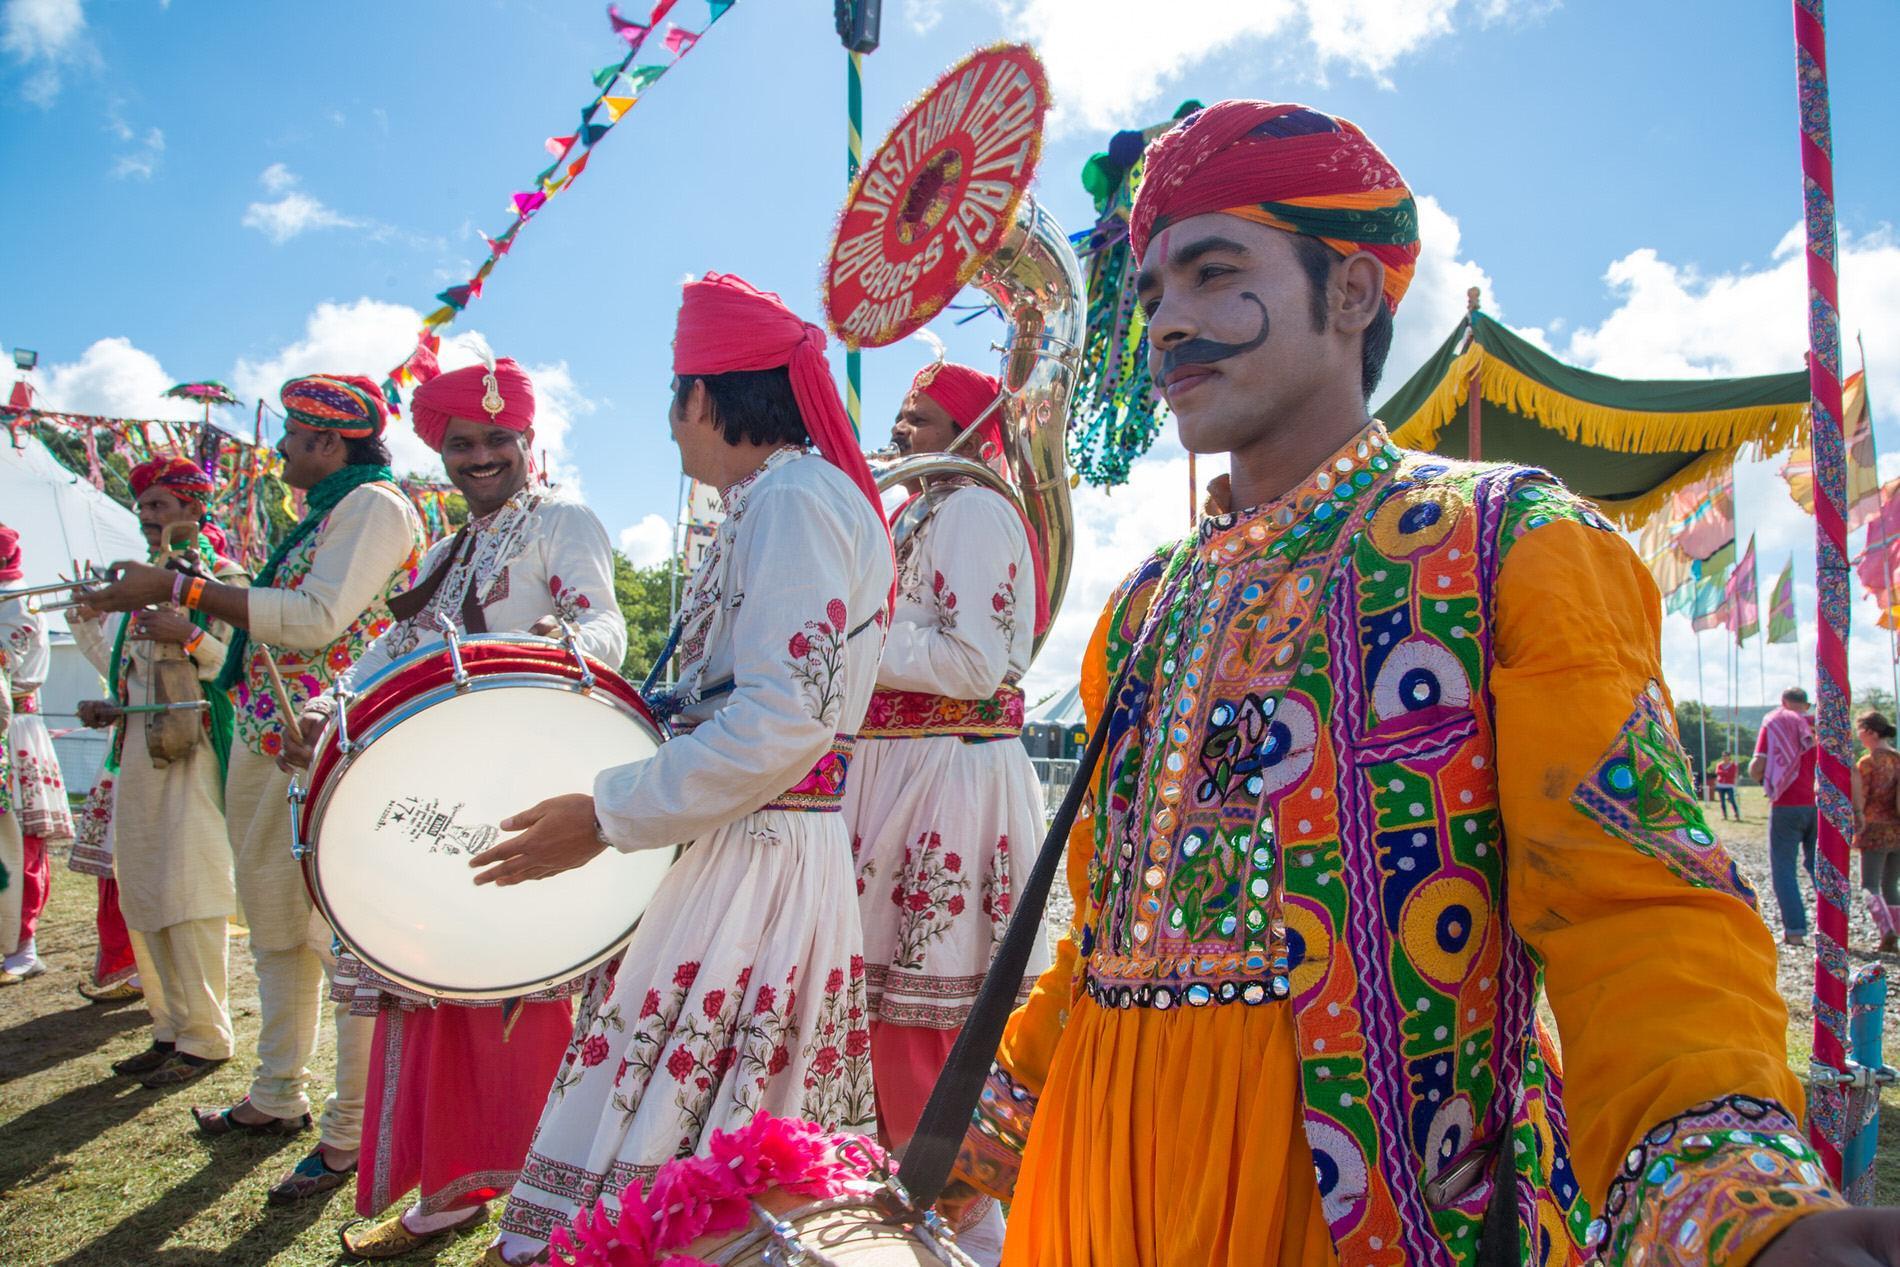 50-CampBestival2017-RajasthanHaritigeBrassBand-AW-ADAM2243.jpg